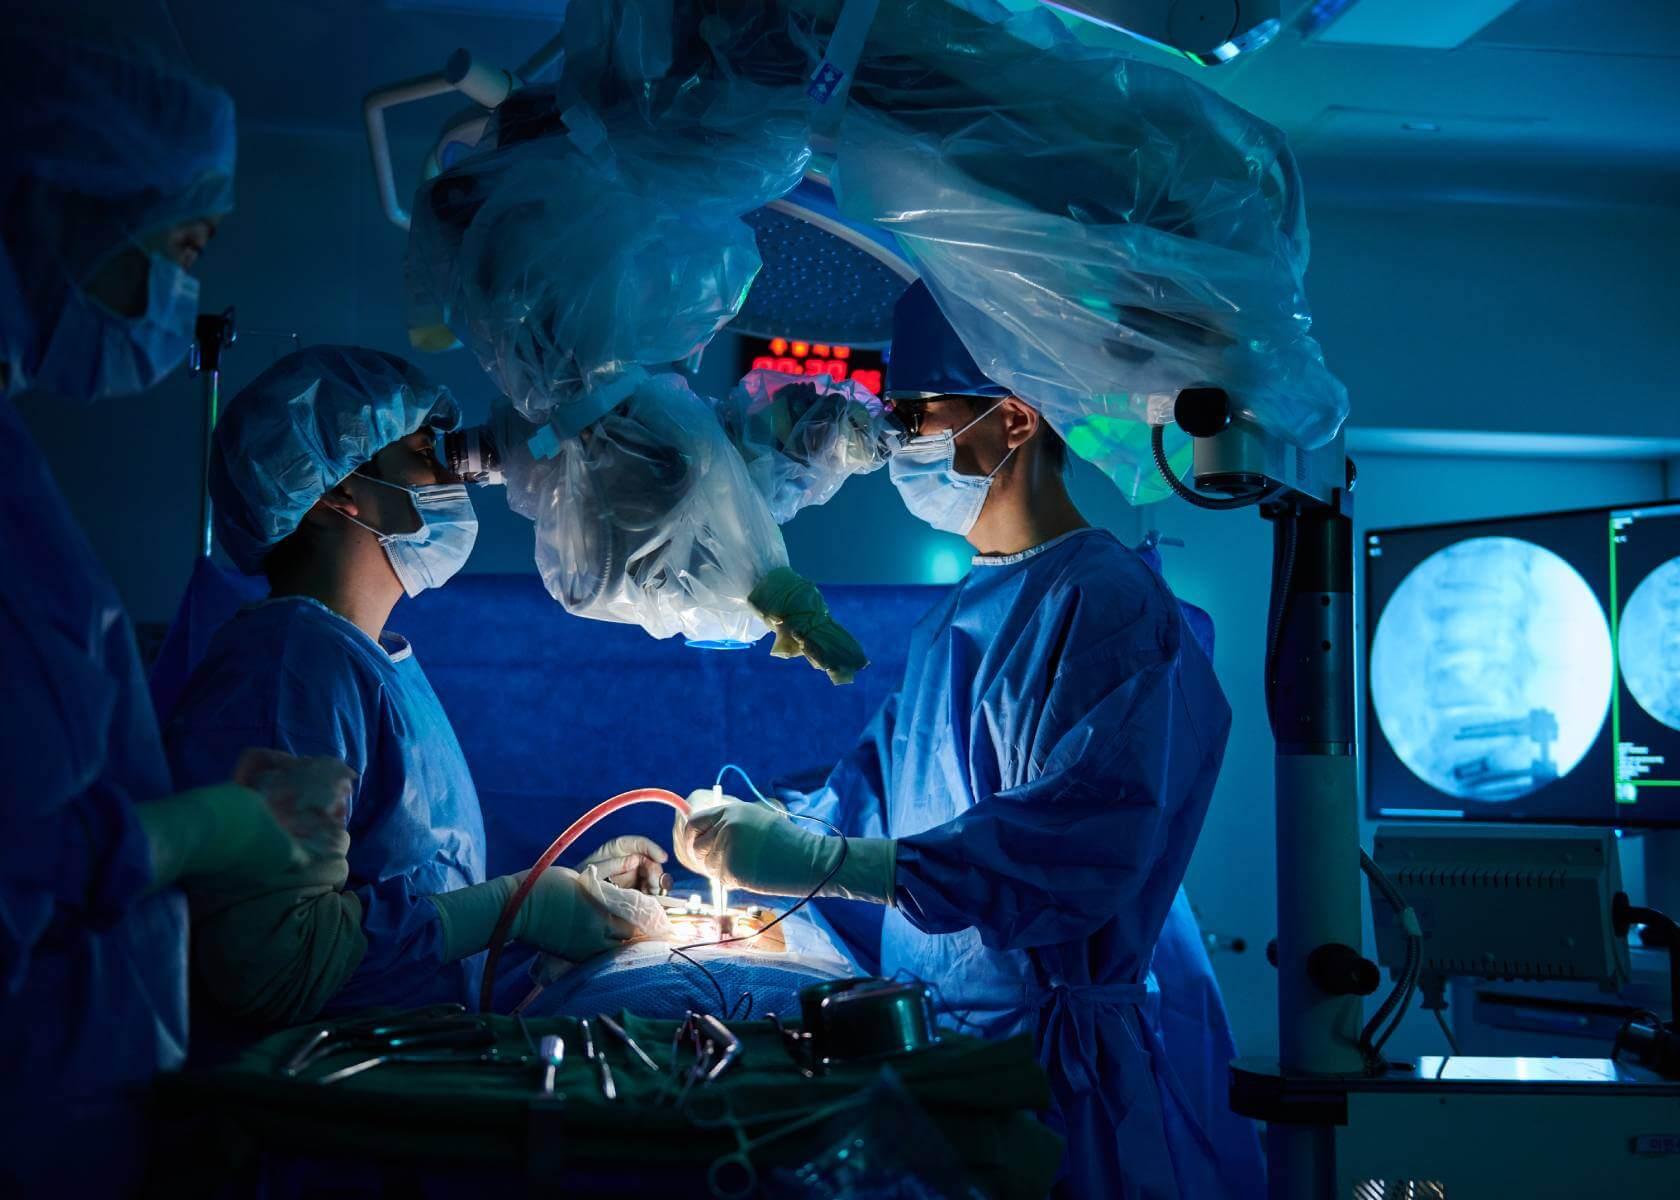 Операция на позвоночнике в клинике Химчан